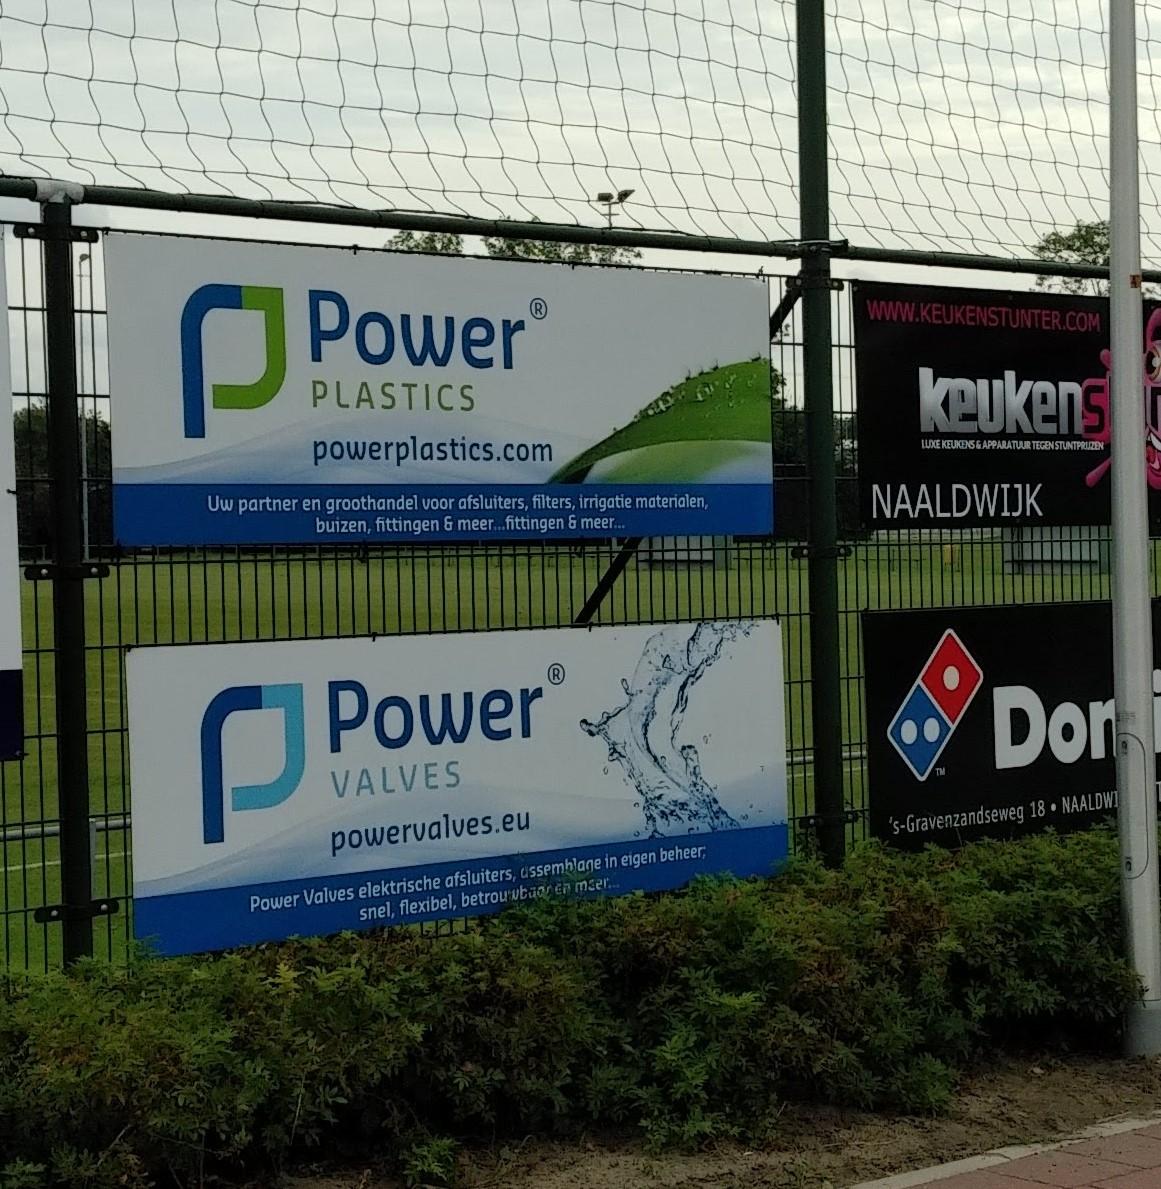 Power Plastics nieuwe sponsor bij vv Naaldwijk